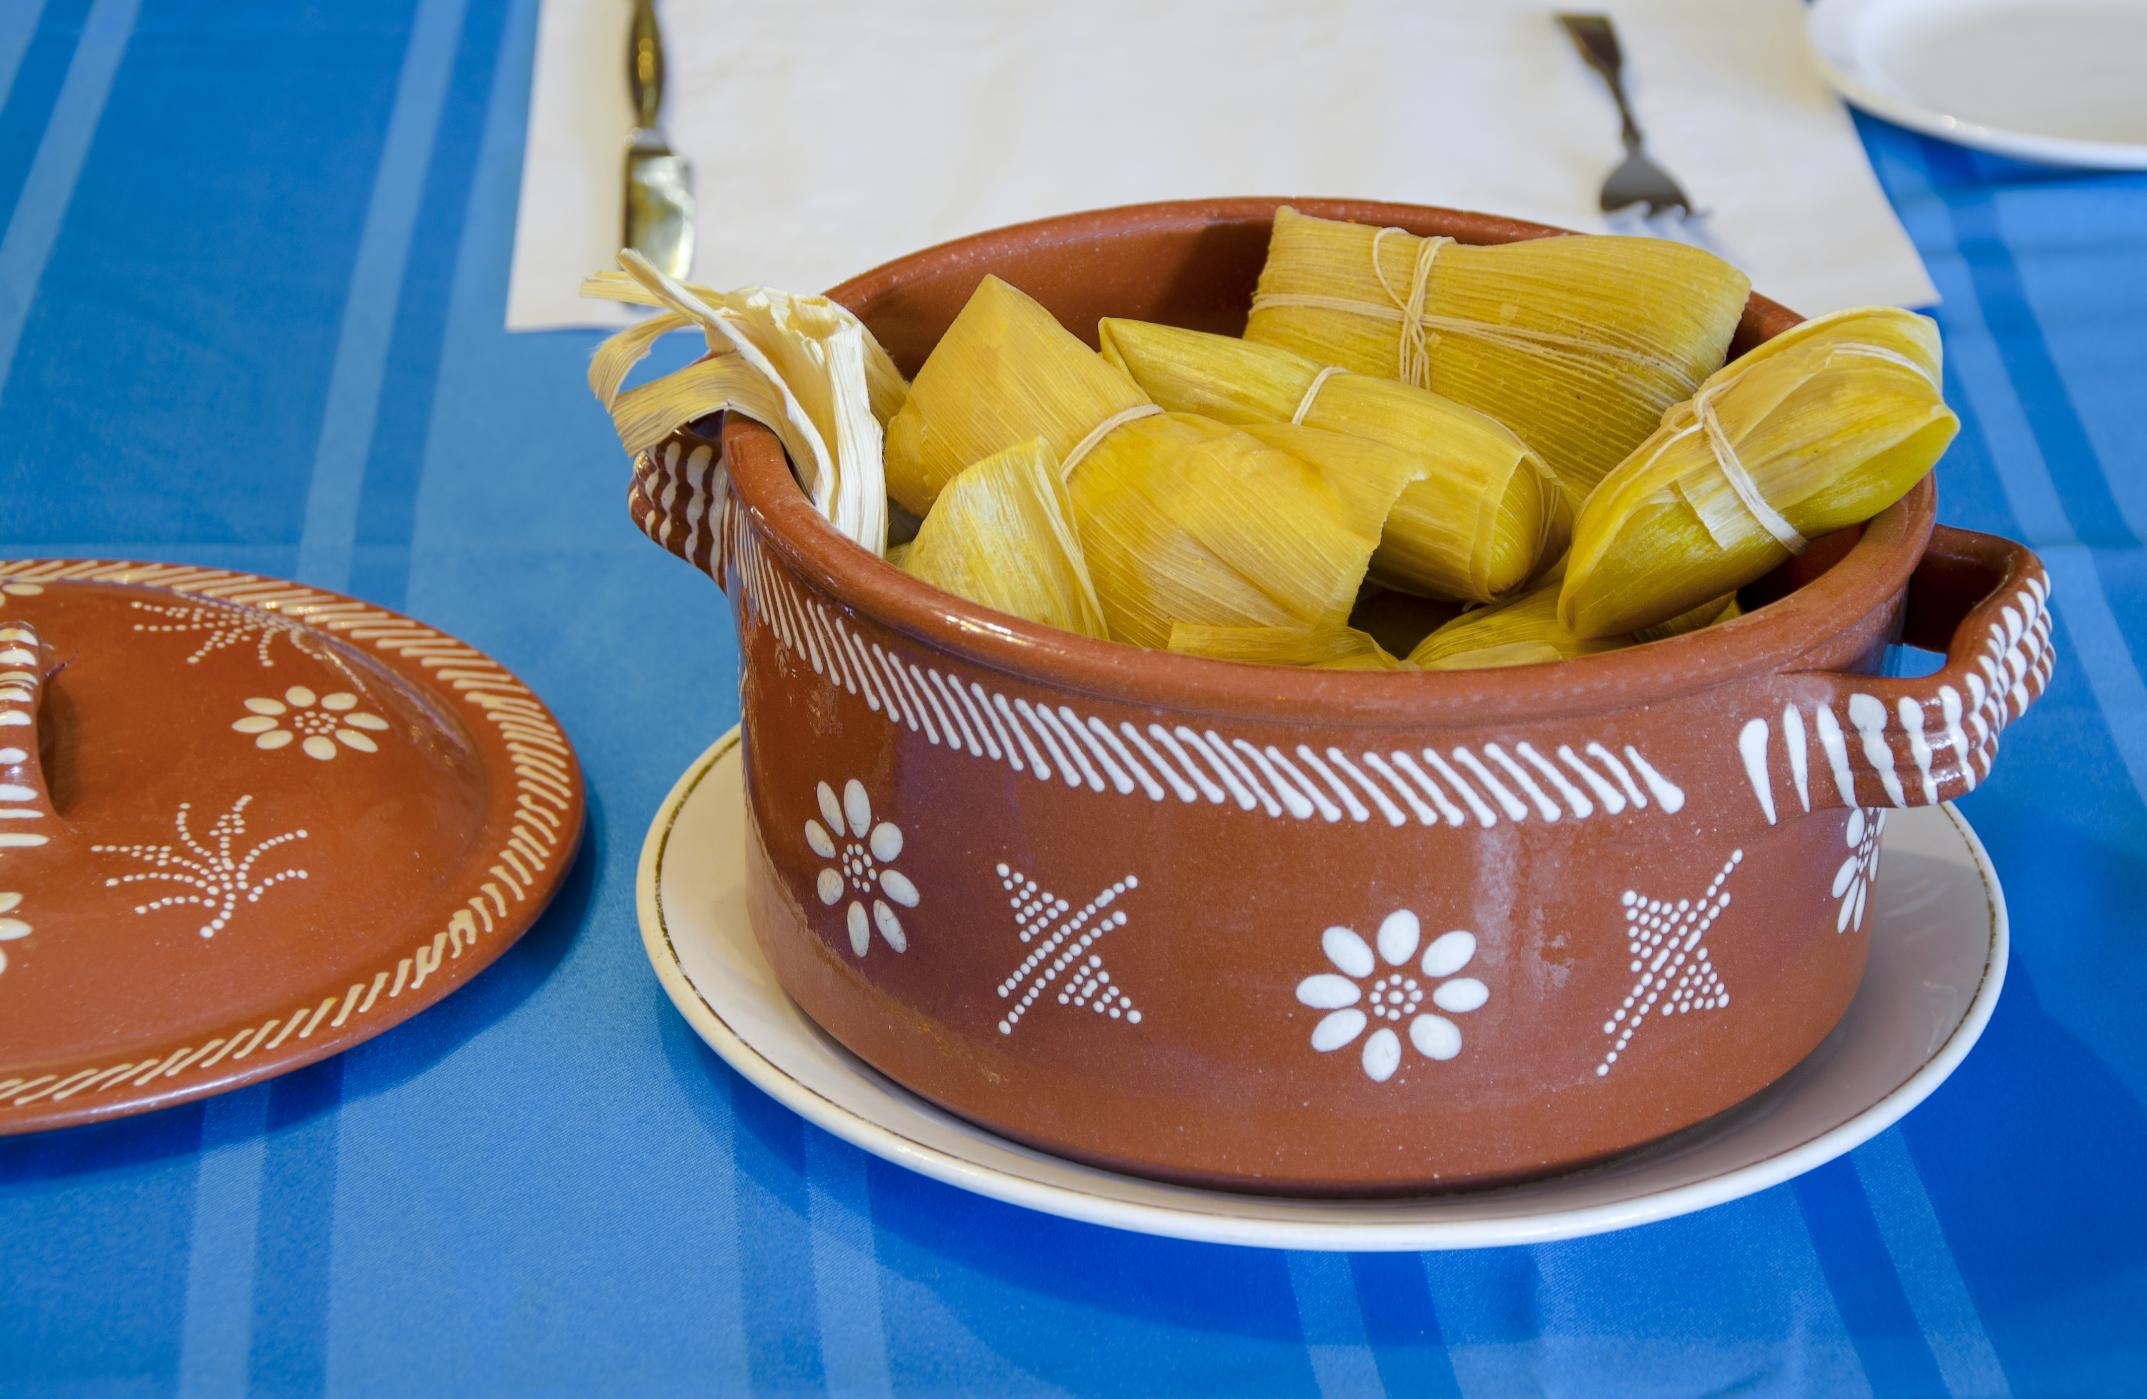 Tamales de maiz dulce